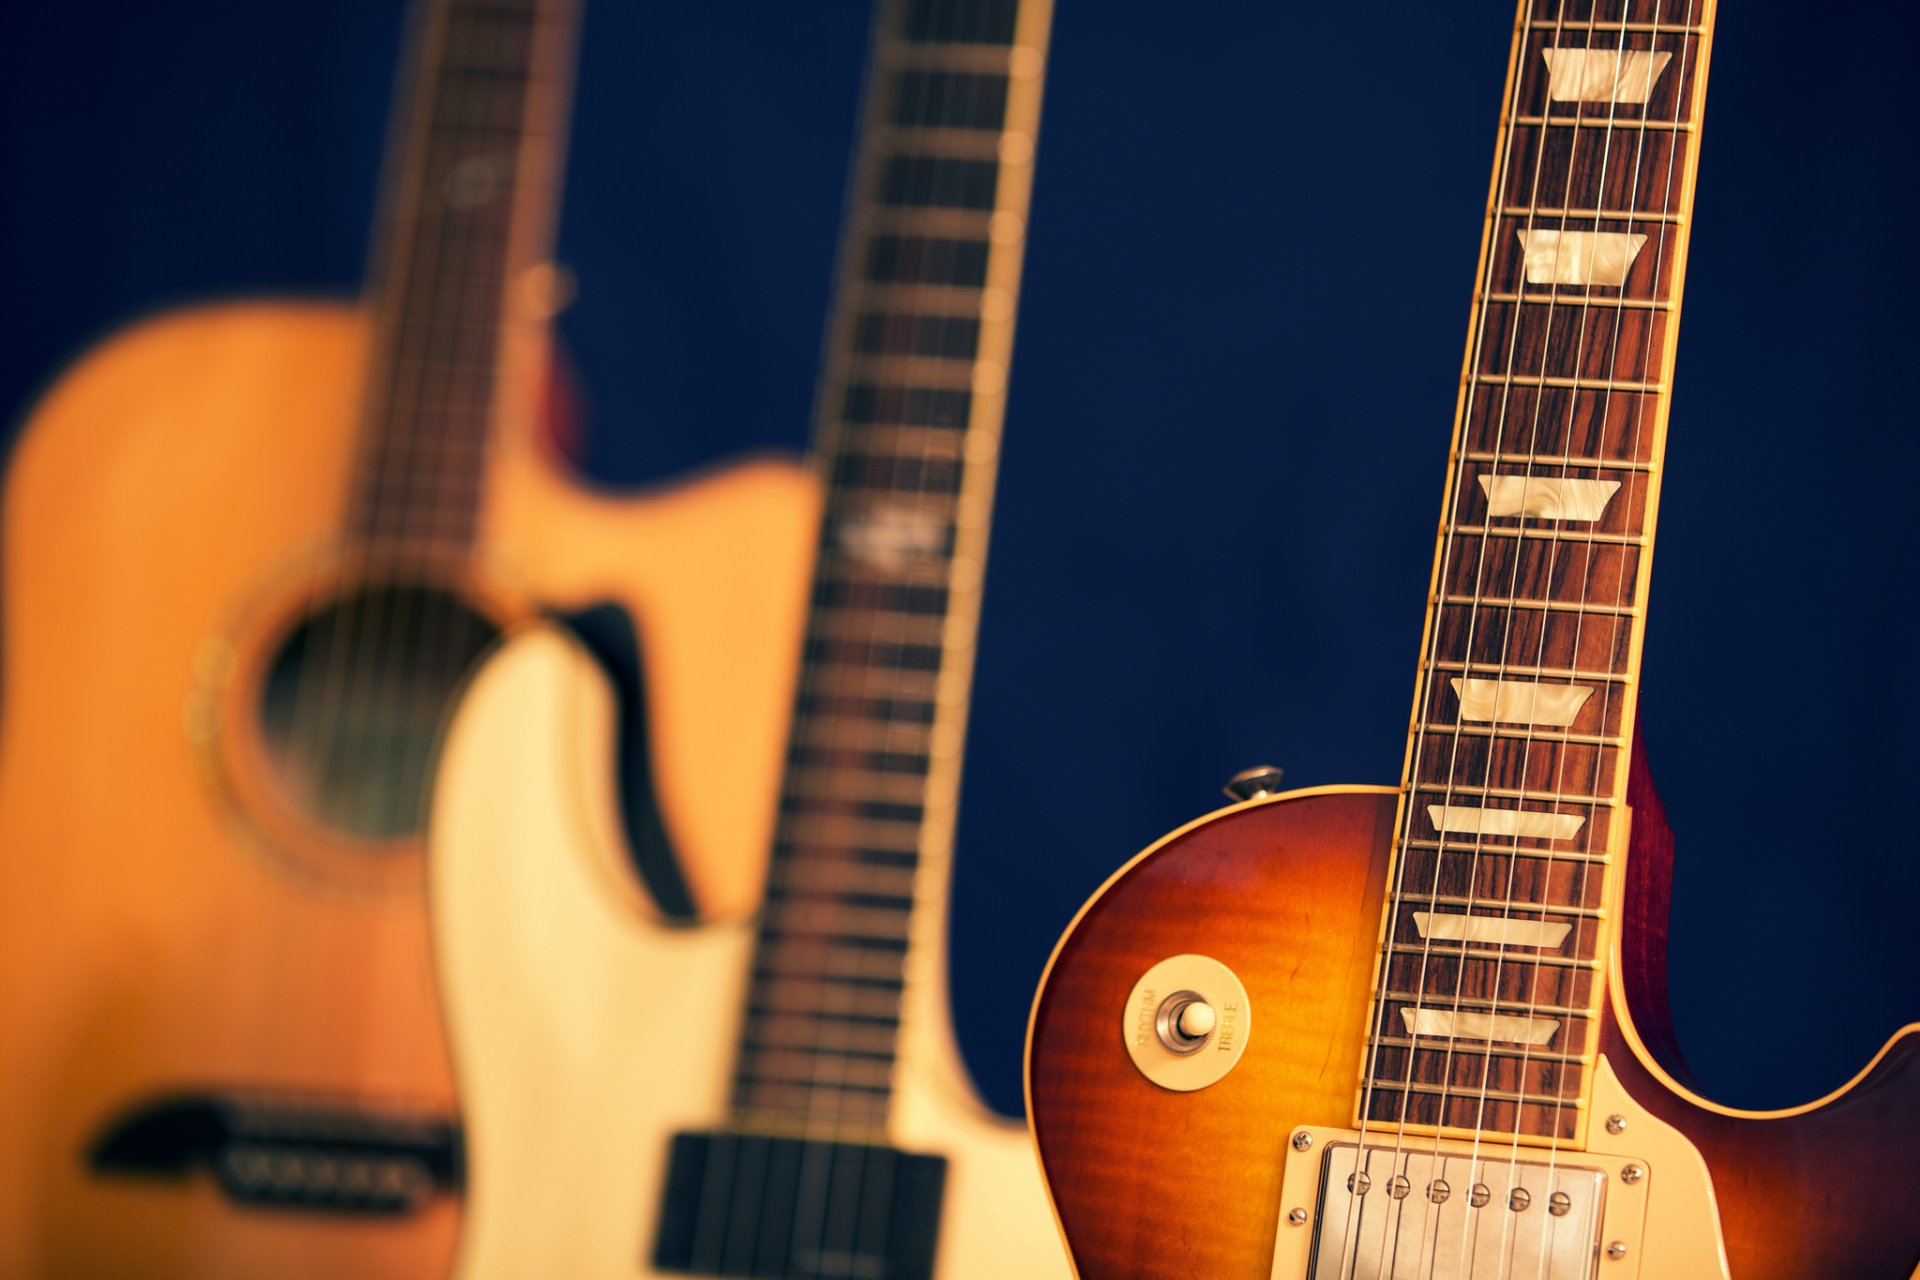 красивые обои на гитаре